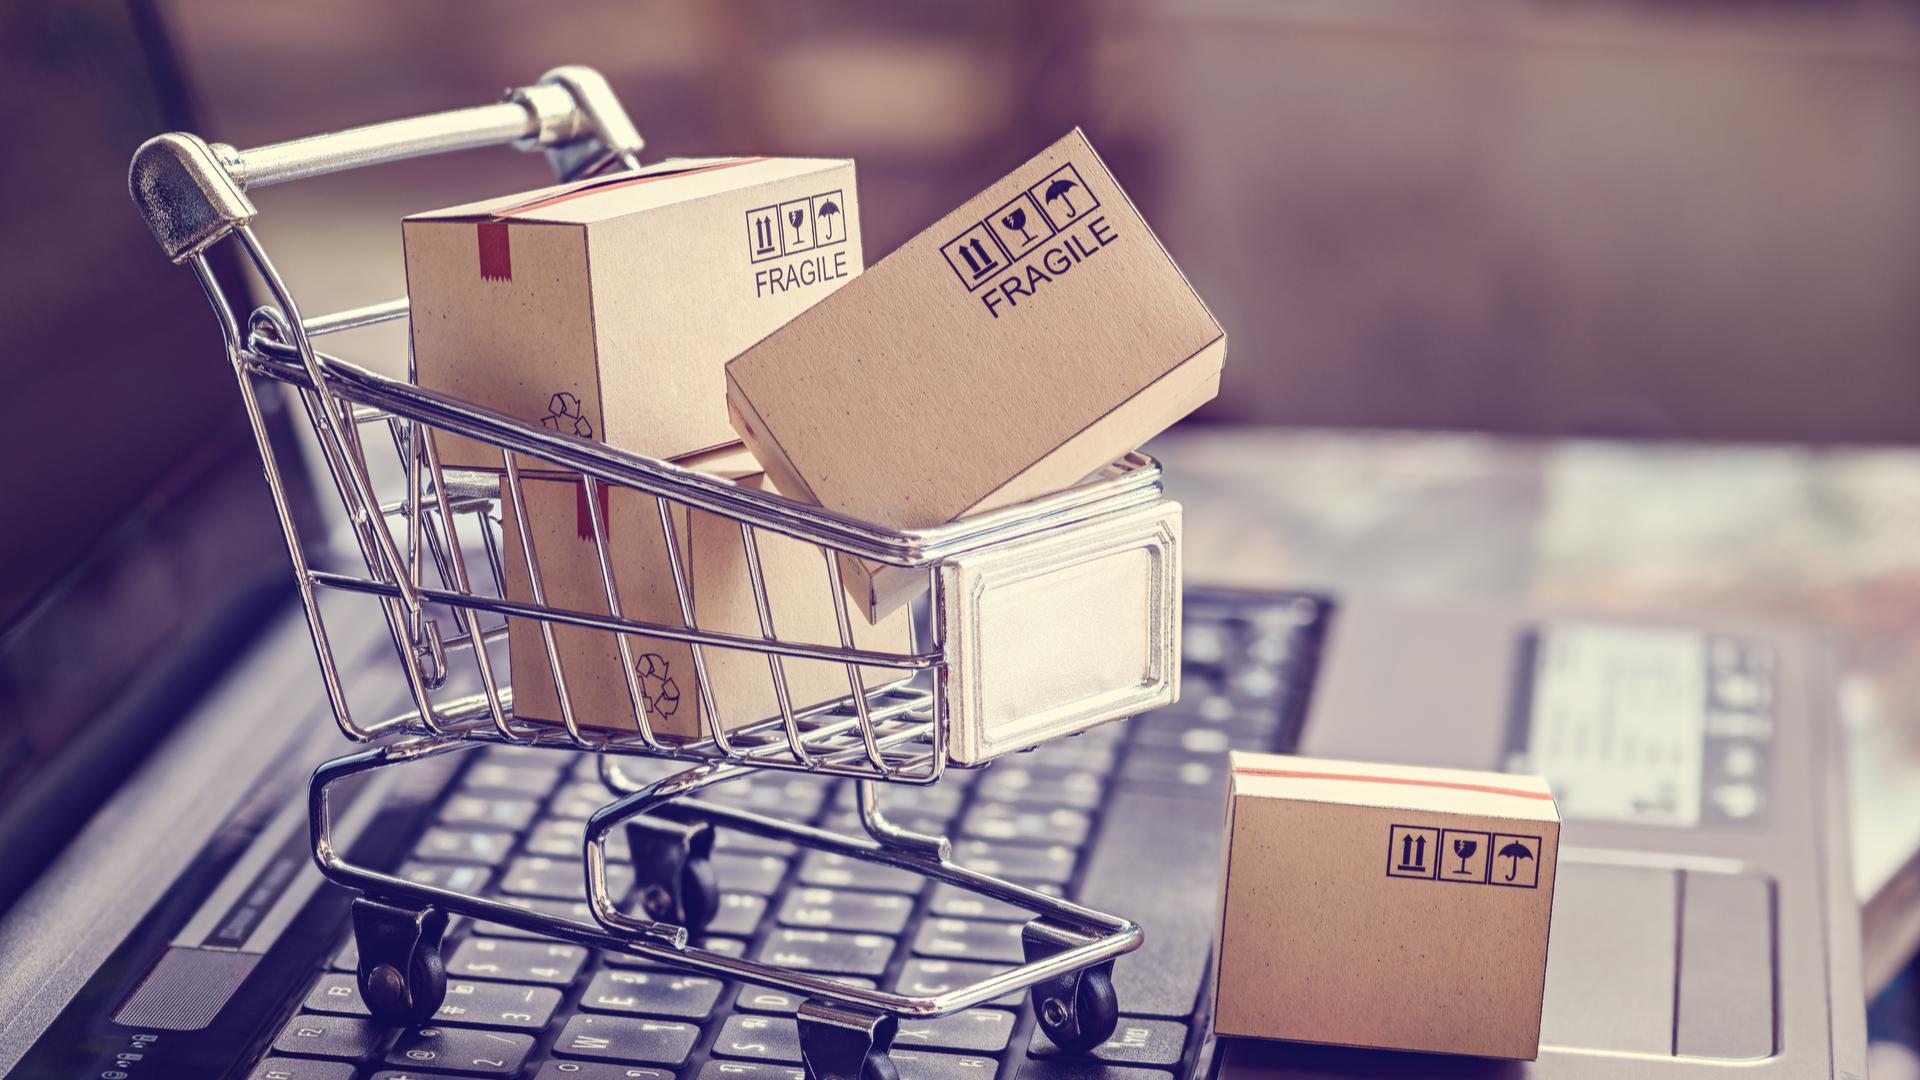 Melhores produtos para comprar na Black Friday. Shutterstock.